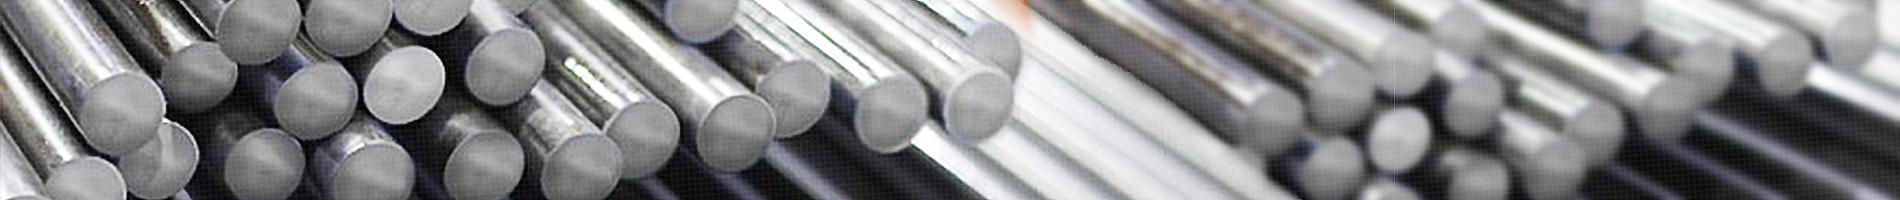 Aluminio - Aceros Levinson